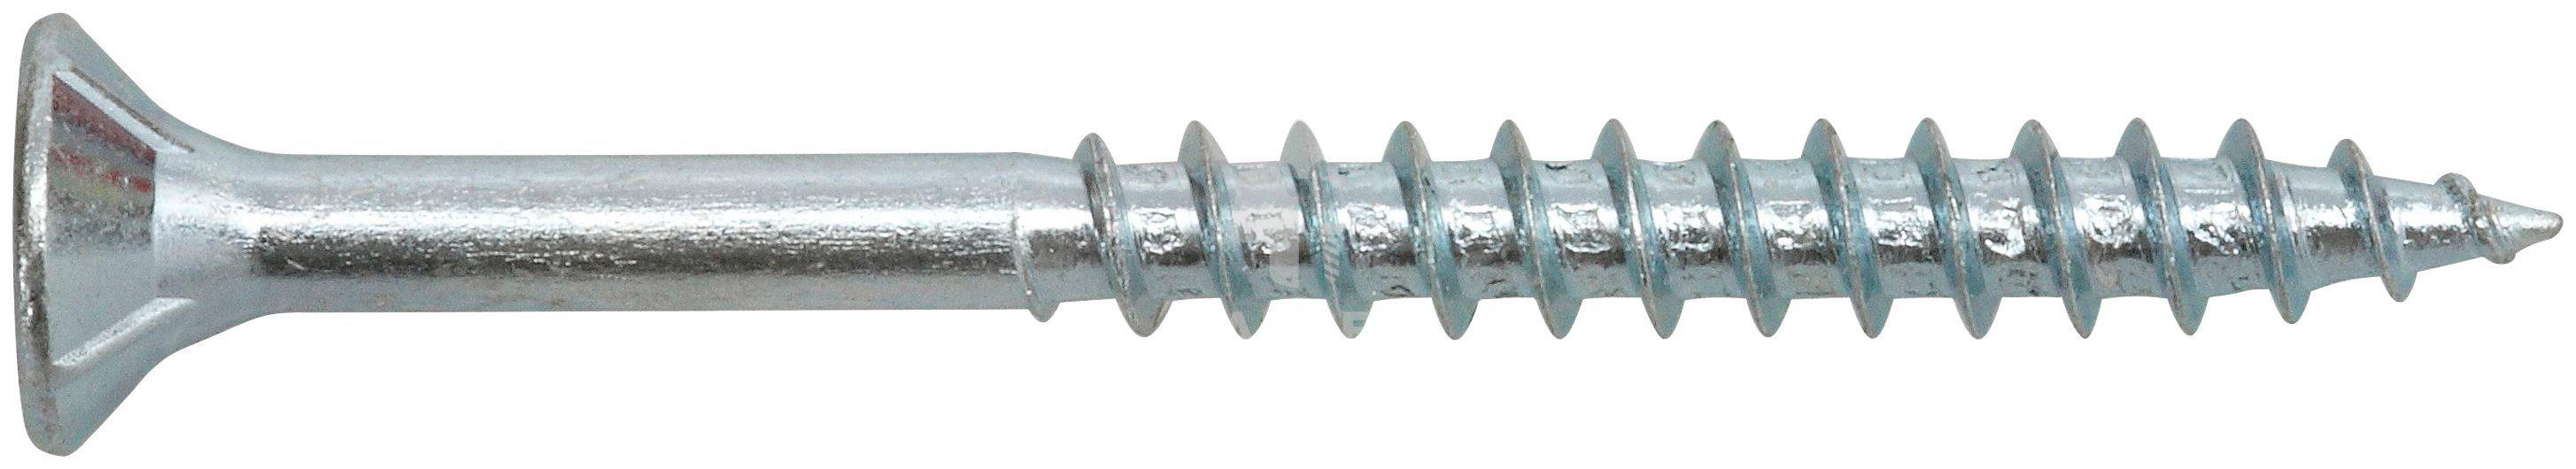 RAMSES Schrauben , Spanplattenschrauben 6 x 140 mm 20 Stk.